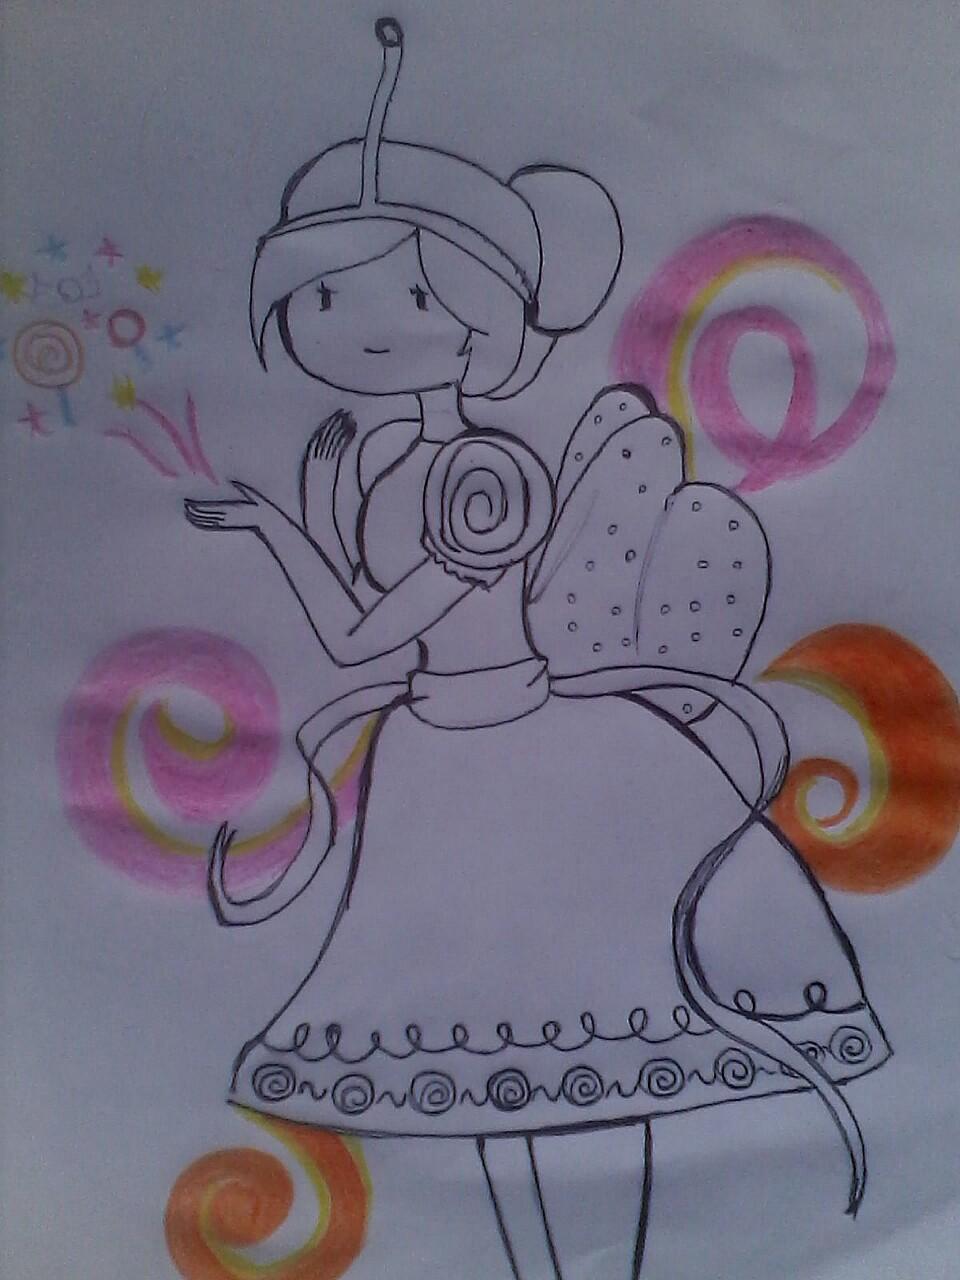 Bubblegum by momoJhay